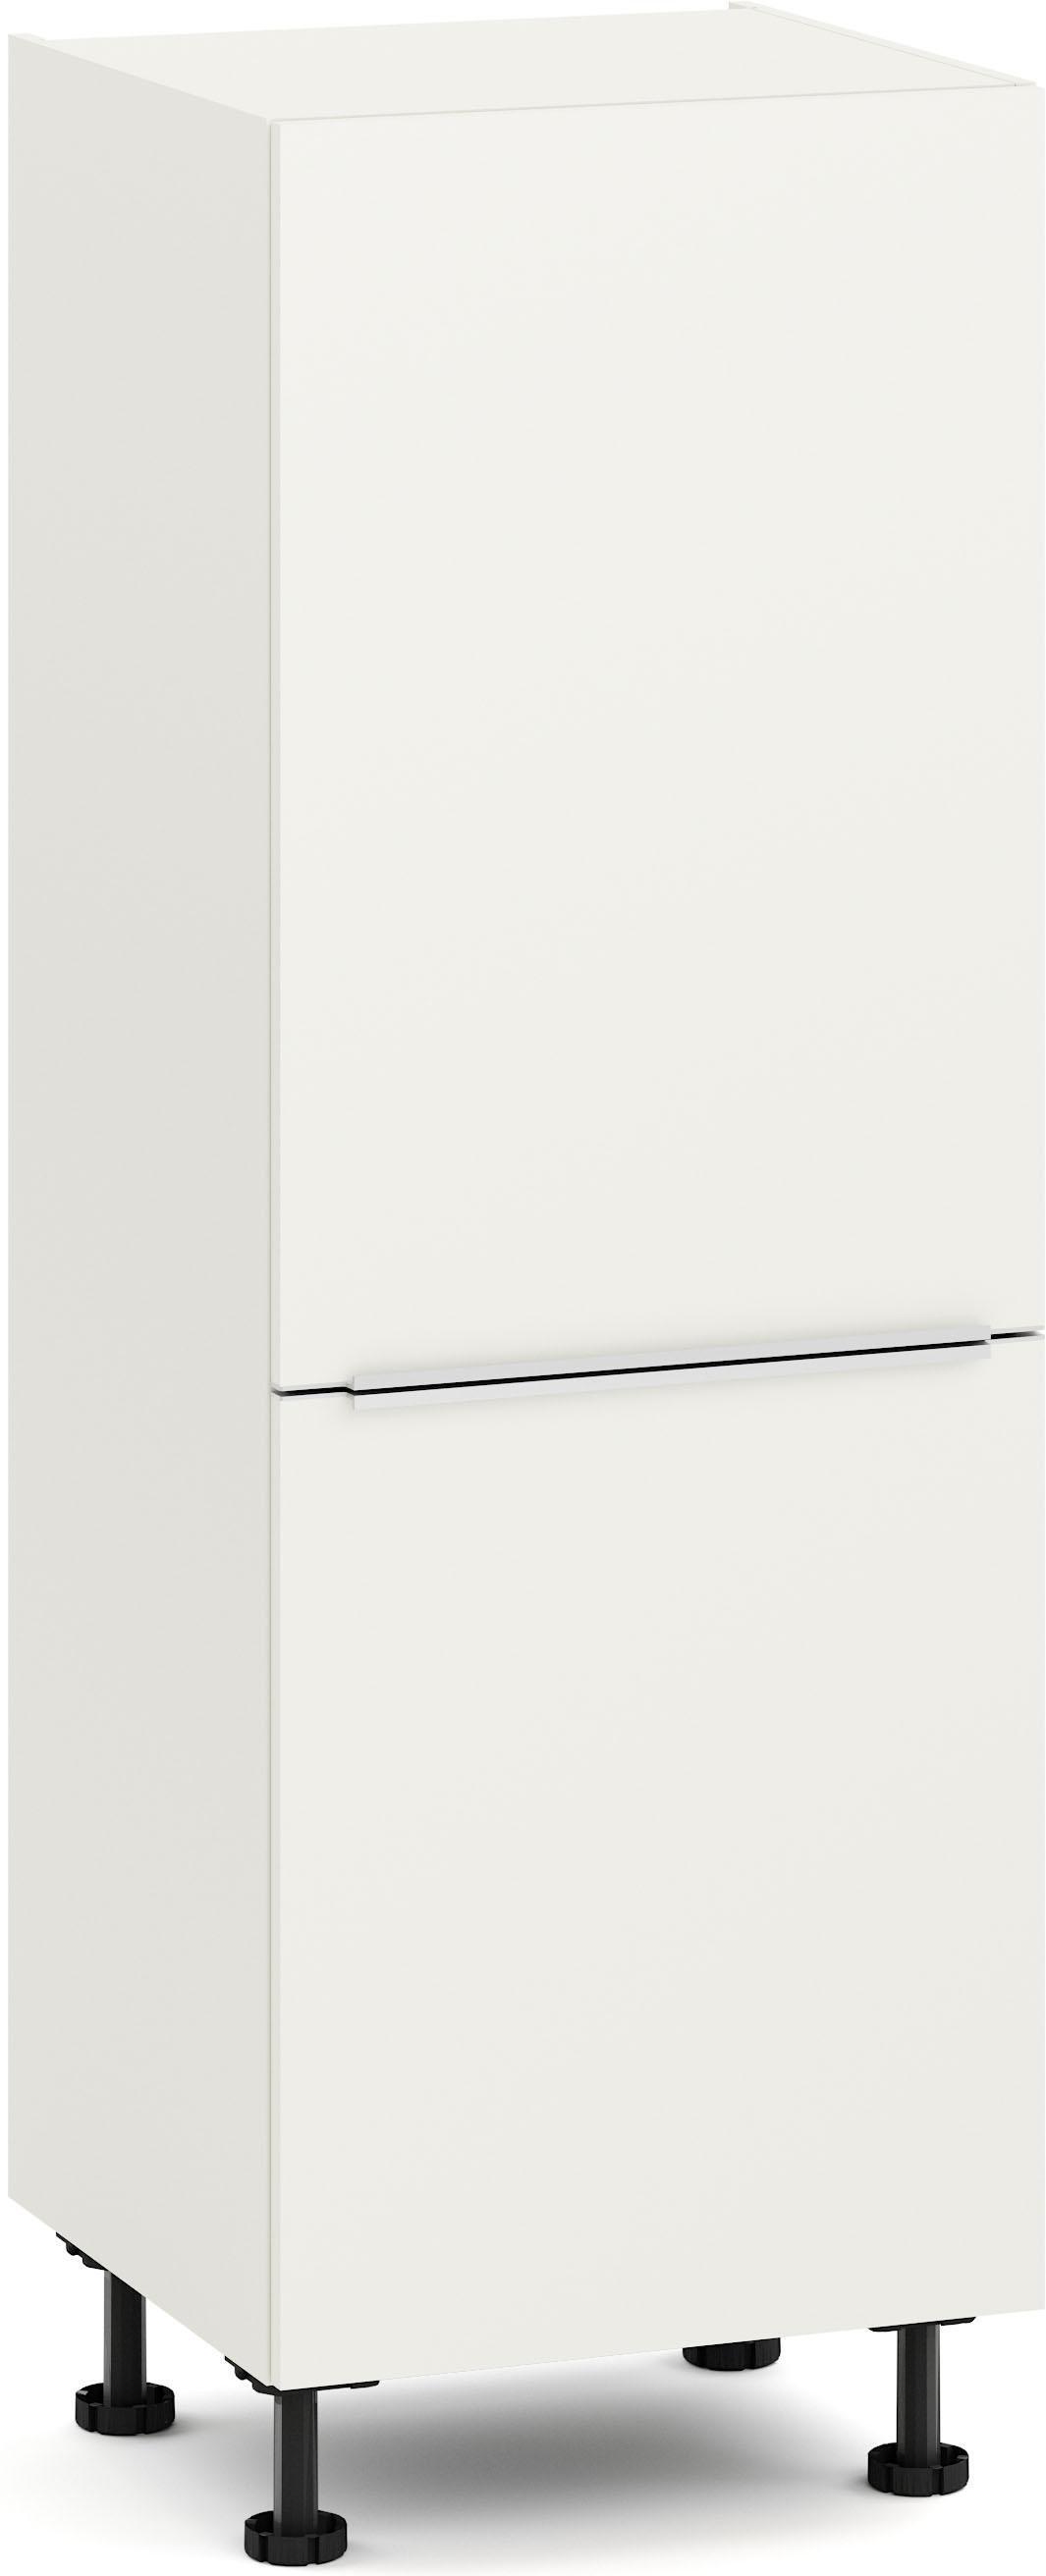 glanz-mdf Kühlschränke online kaufen | Möbel-Suchmaschine ...